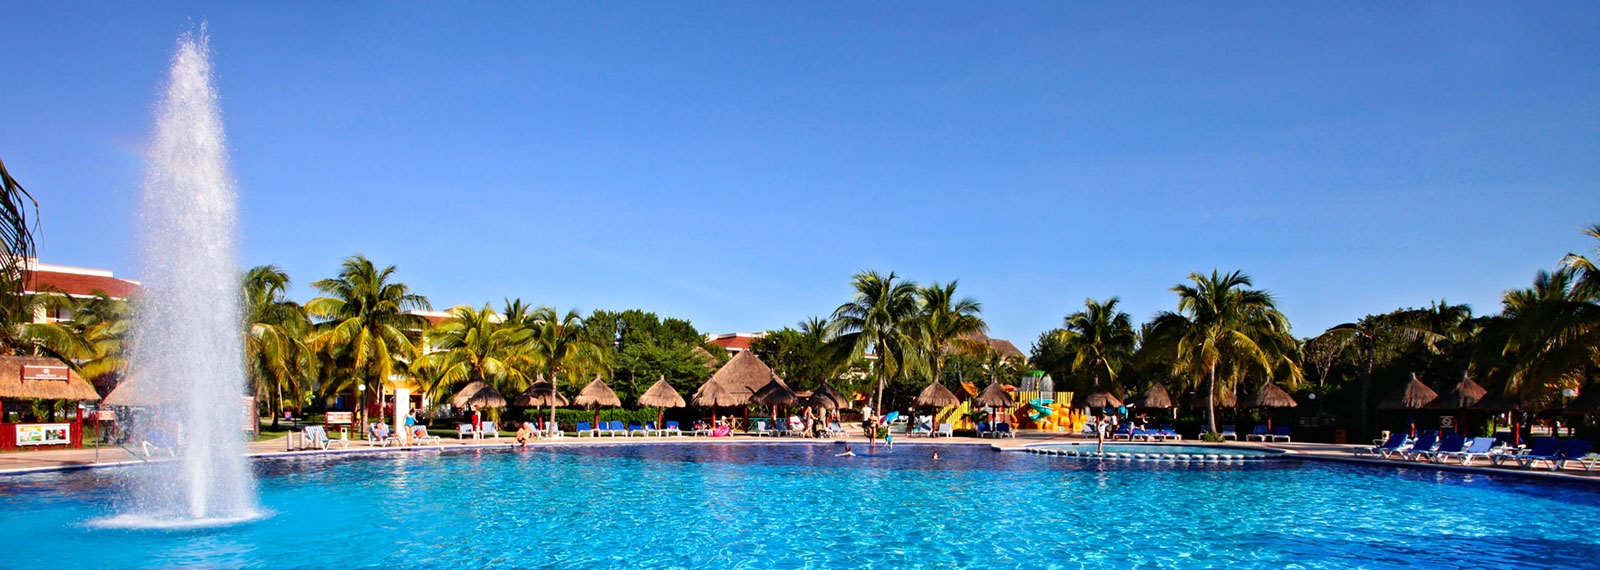 Bahía Príncipe Resort